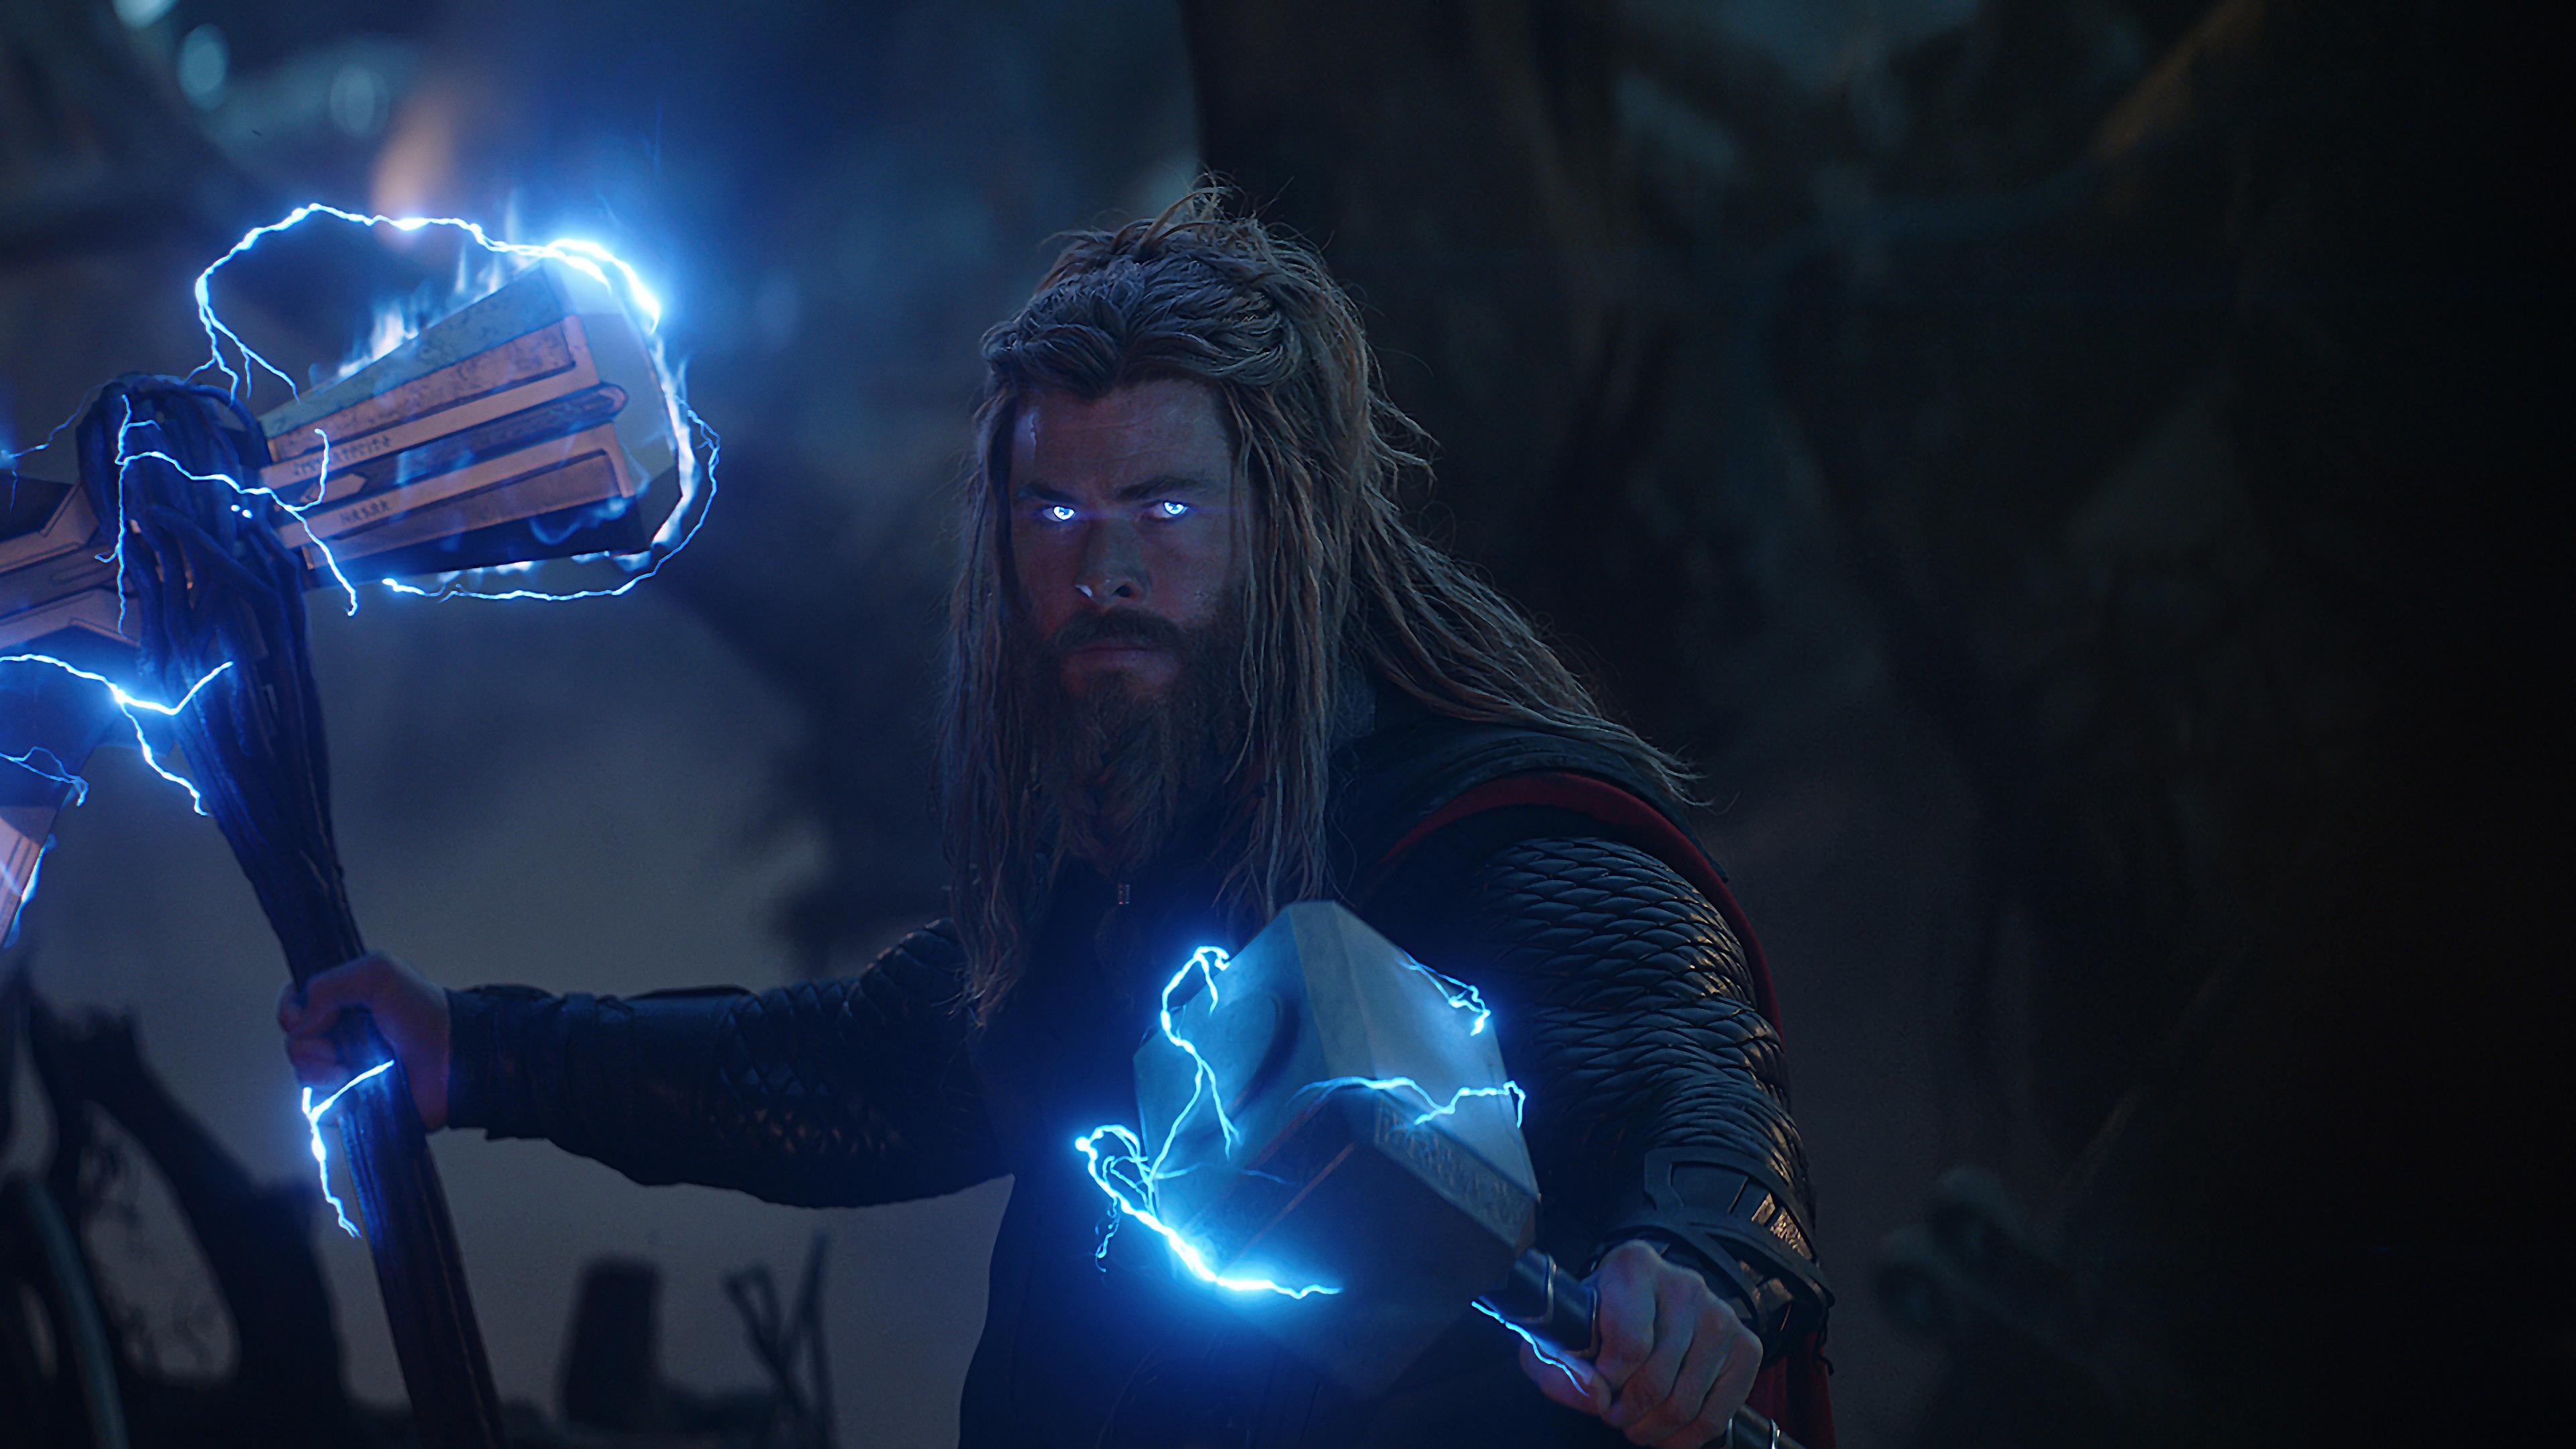 Avengers Endgame Thor Stormbreaker Mjolnir Lightning 8k Wallpaper 173